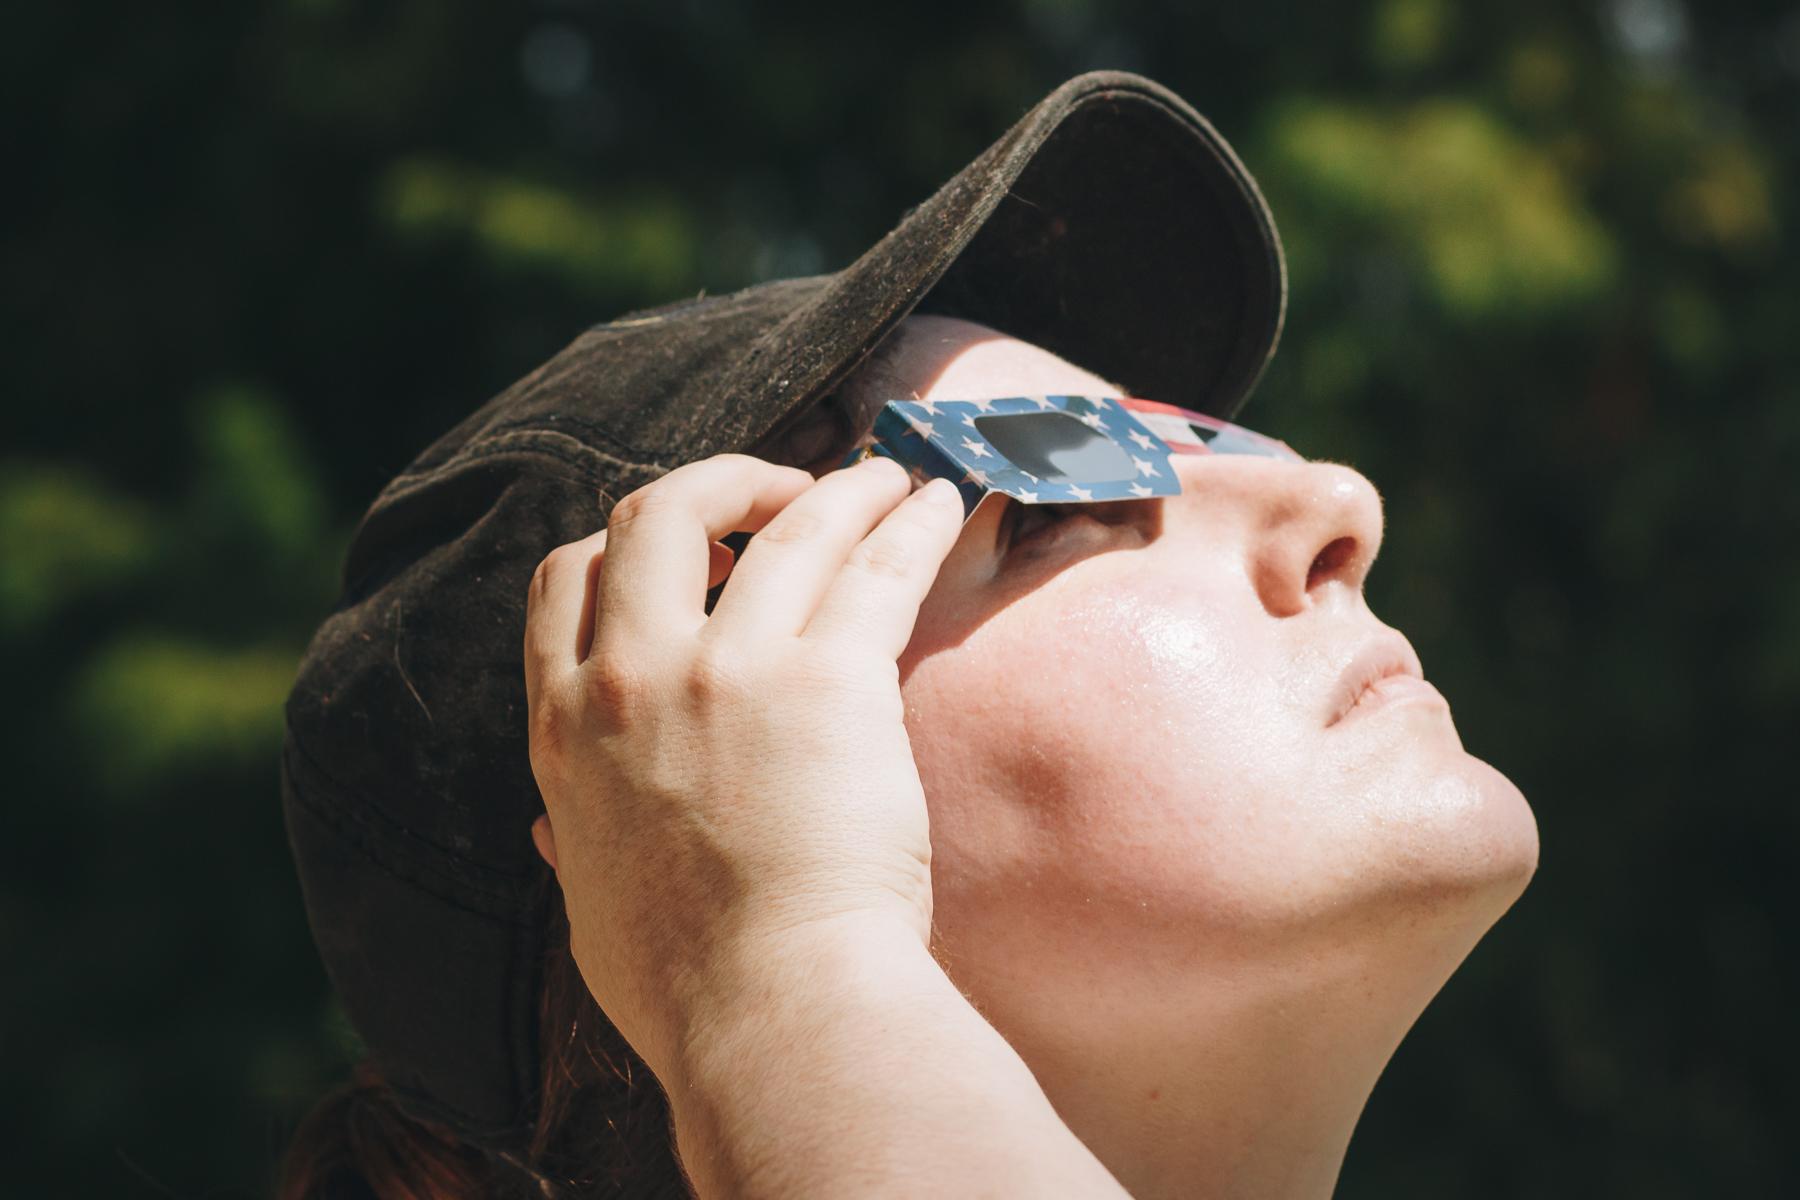 solareclipse_lo_res-28.jpg